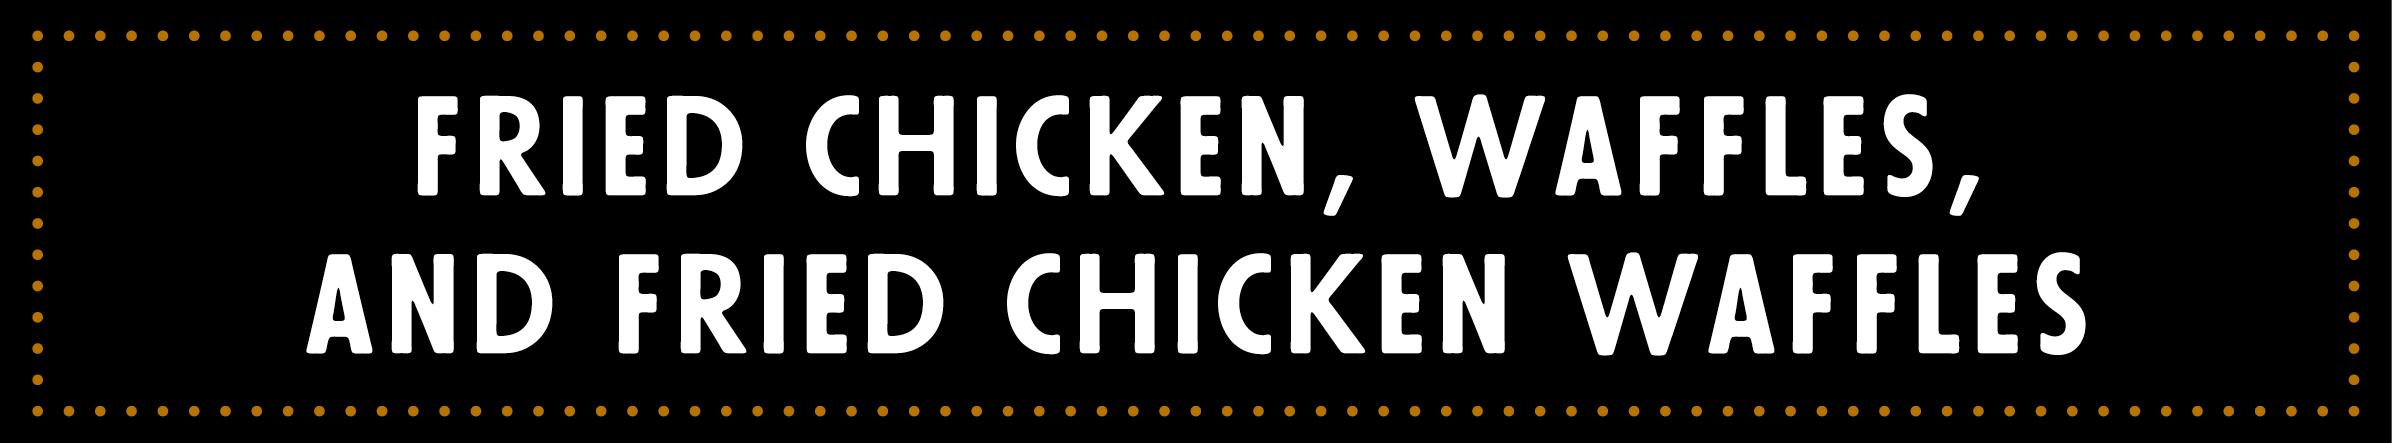 ORL_ChickenWaffles_1.jpg